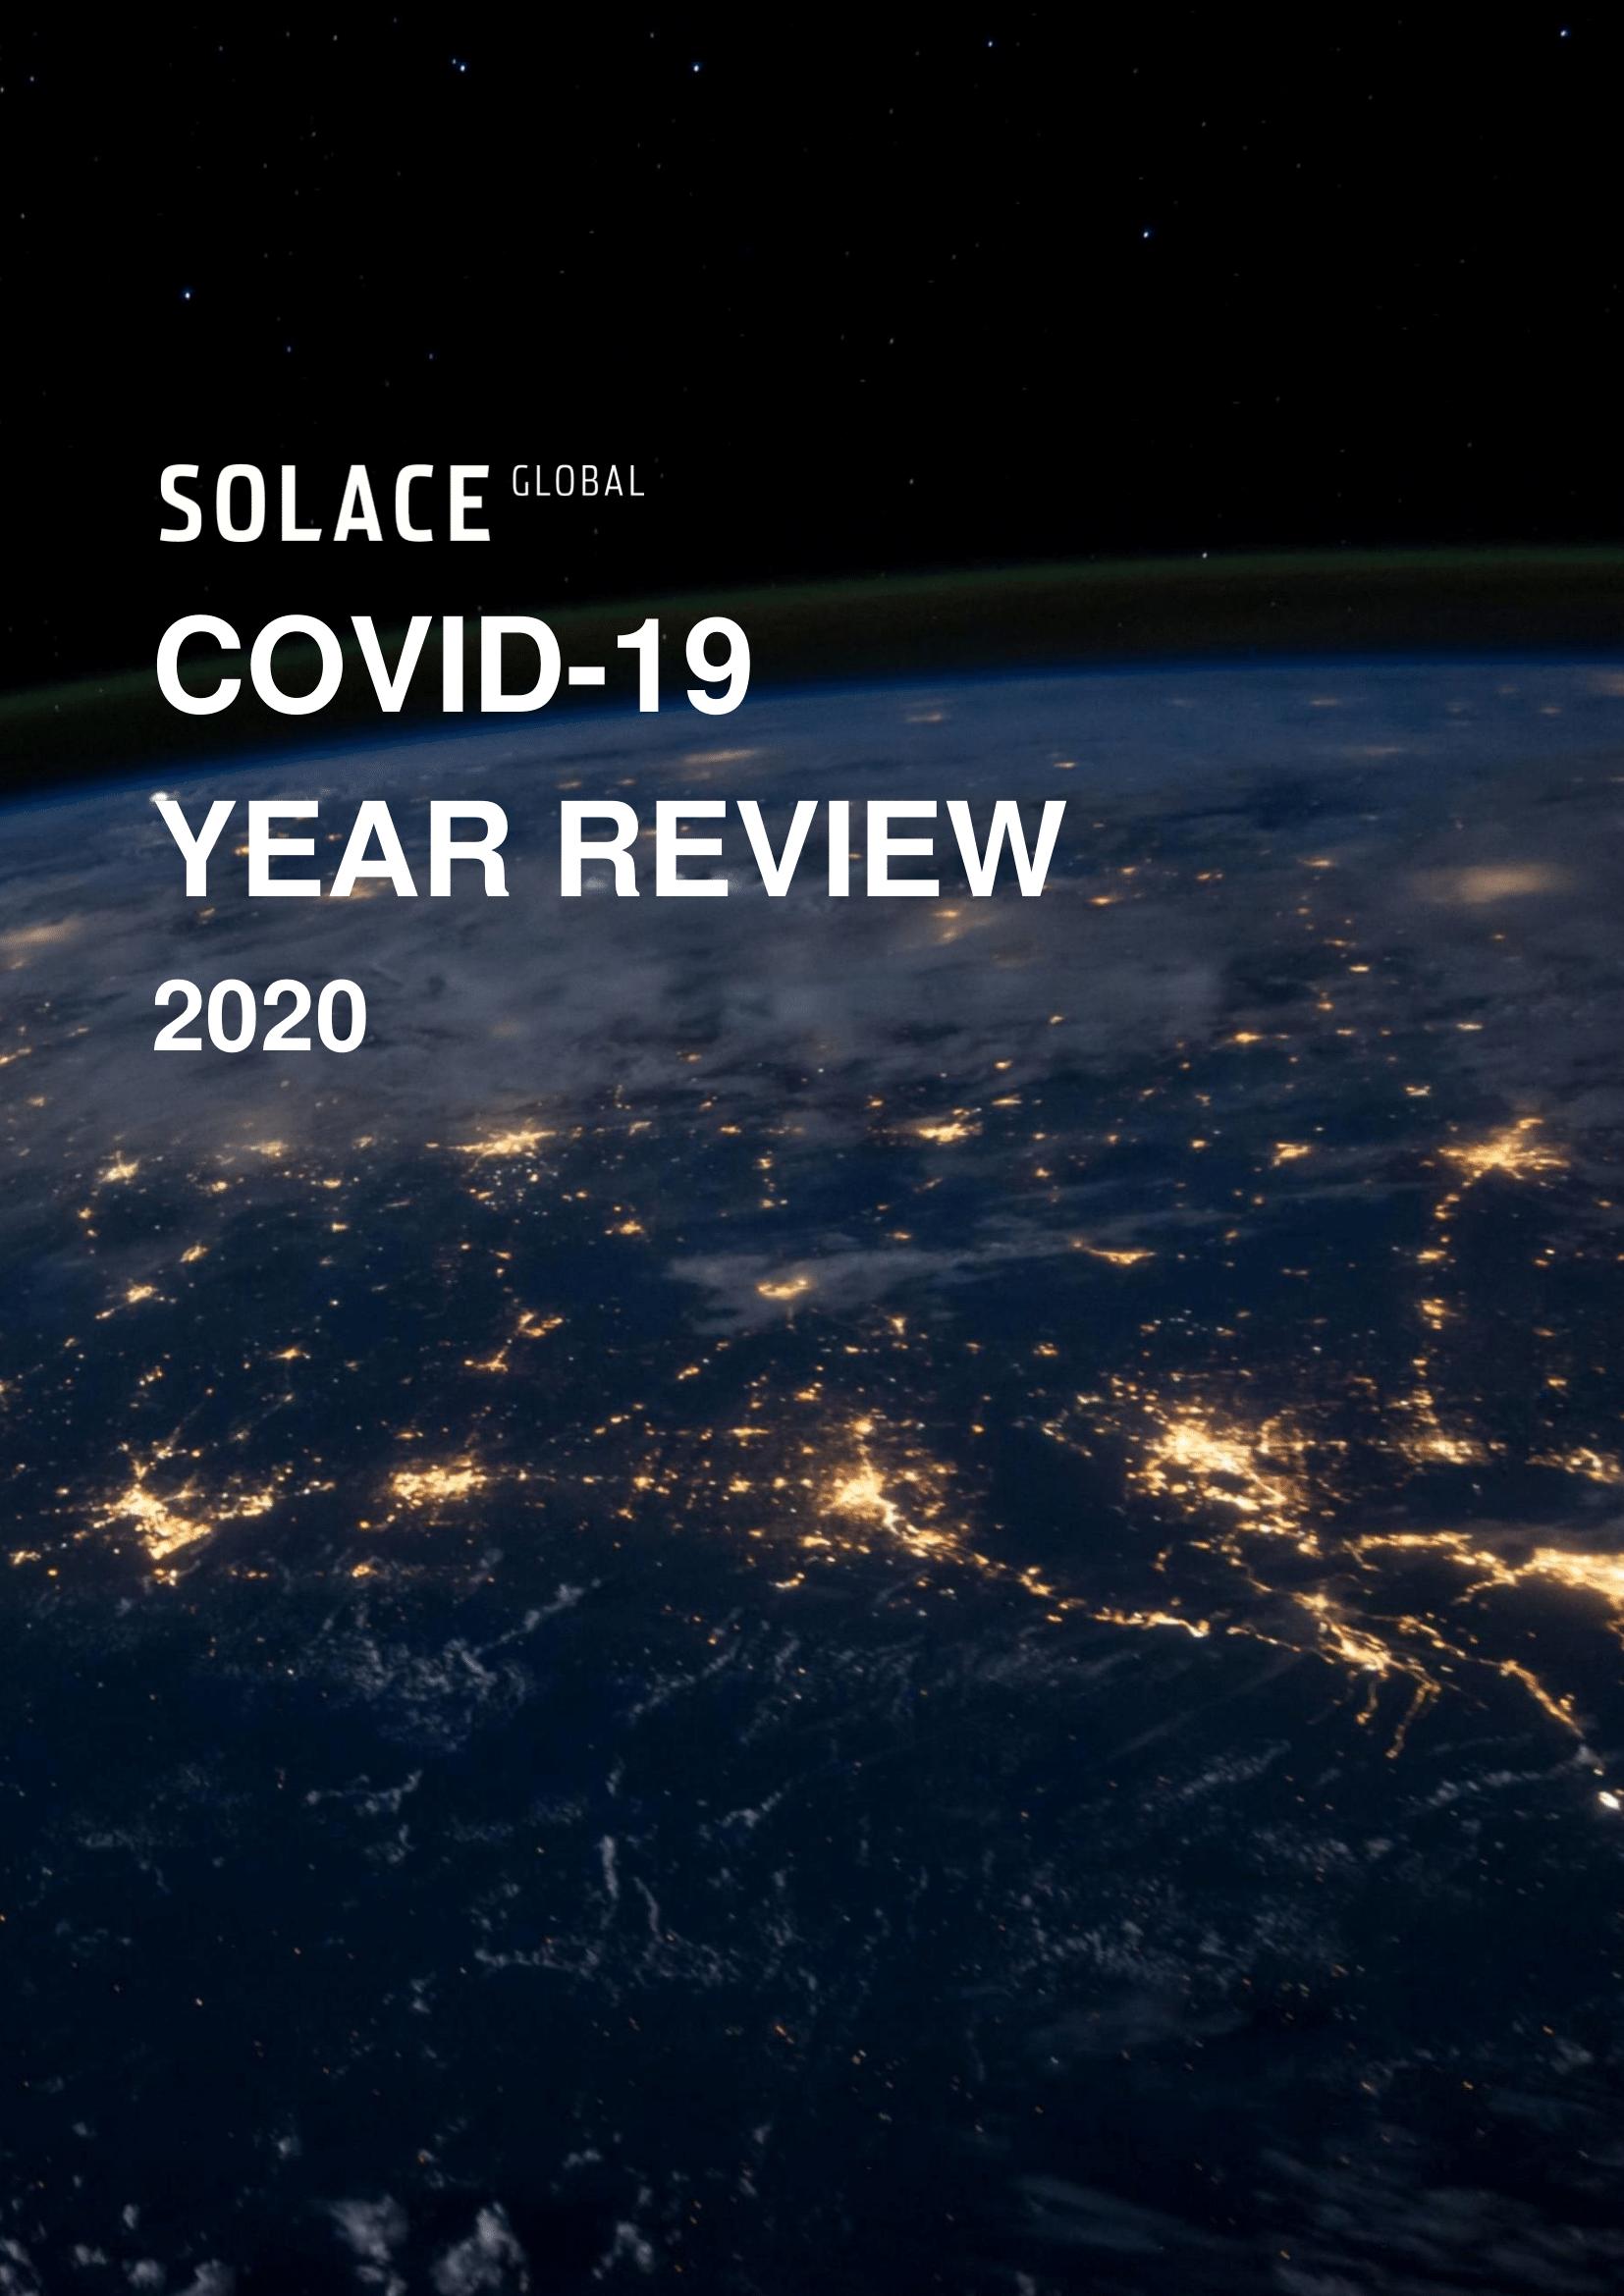 Coronavirus Pandemic Year Review 2020